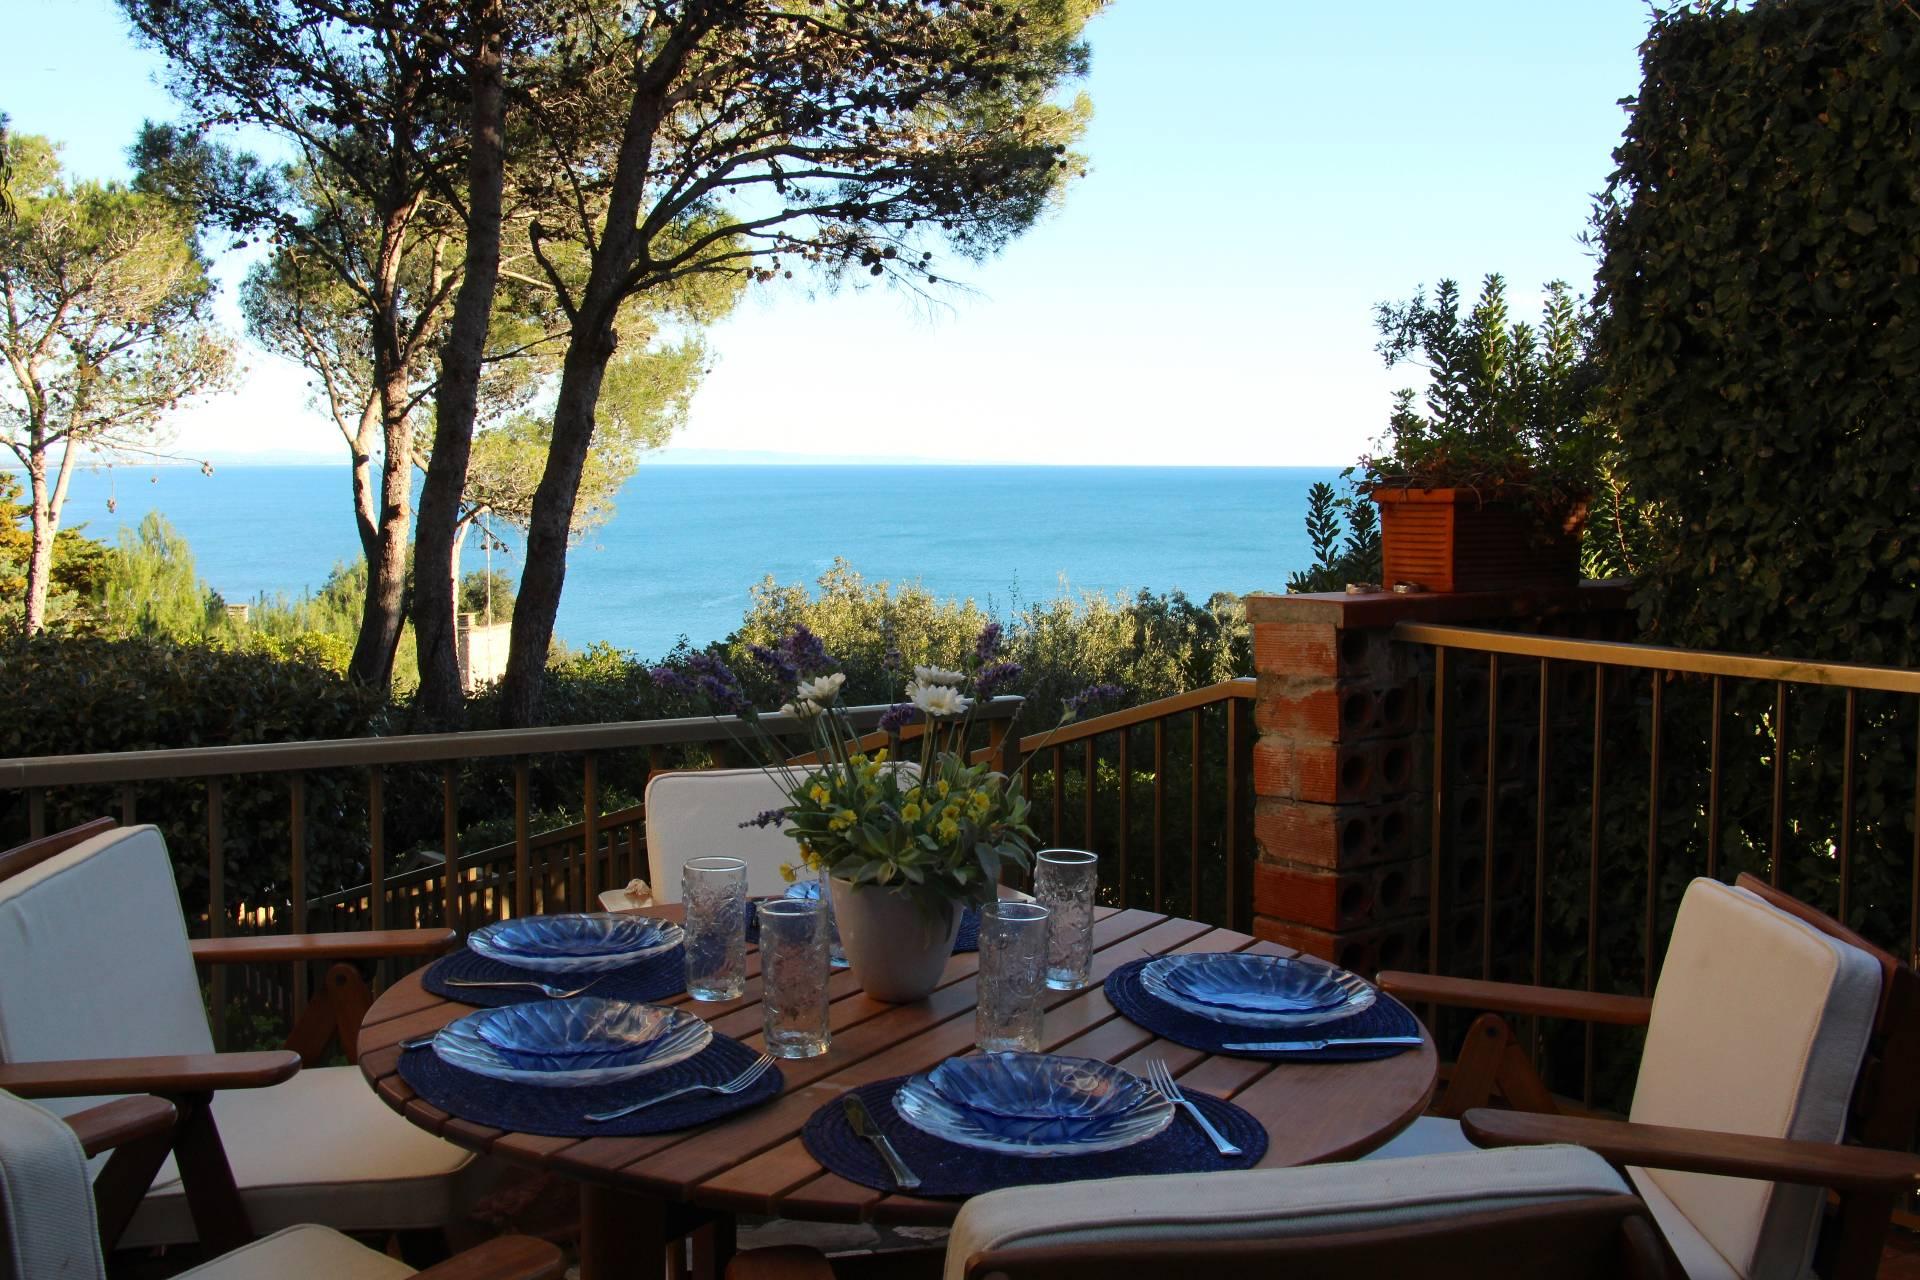 Villa in vendita a Orbetello, 5 locali, zona Zona: Ansedonia, prezzo € 1.490.000 | Cambio Casa.it